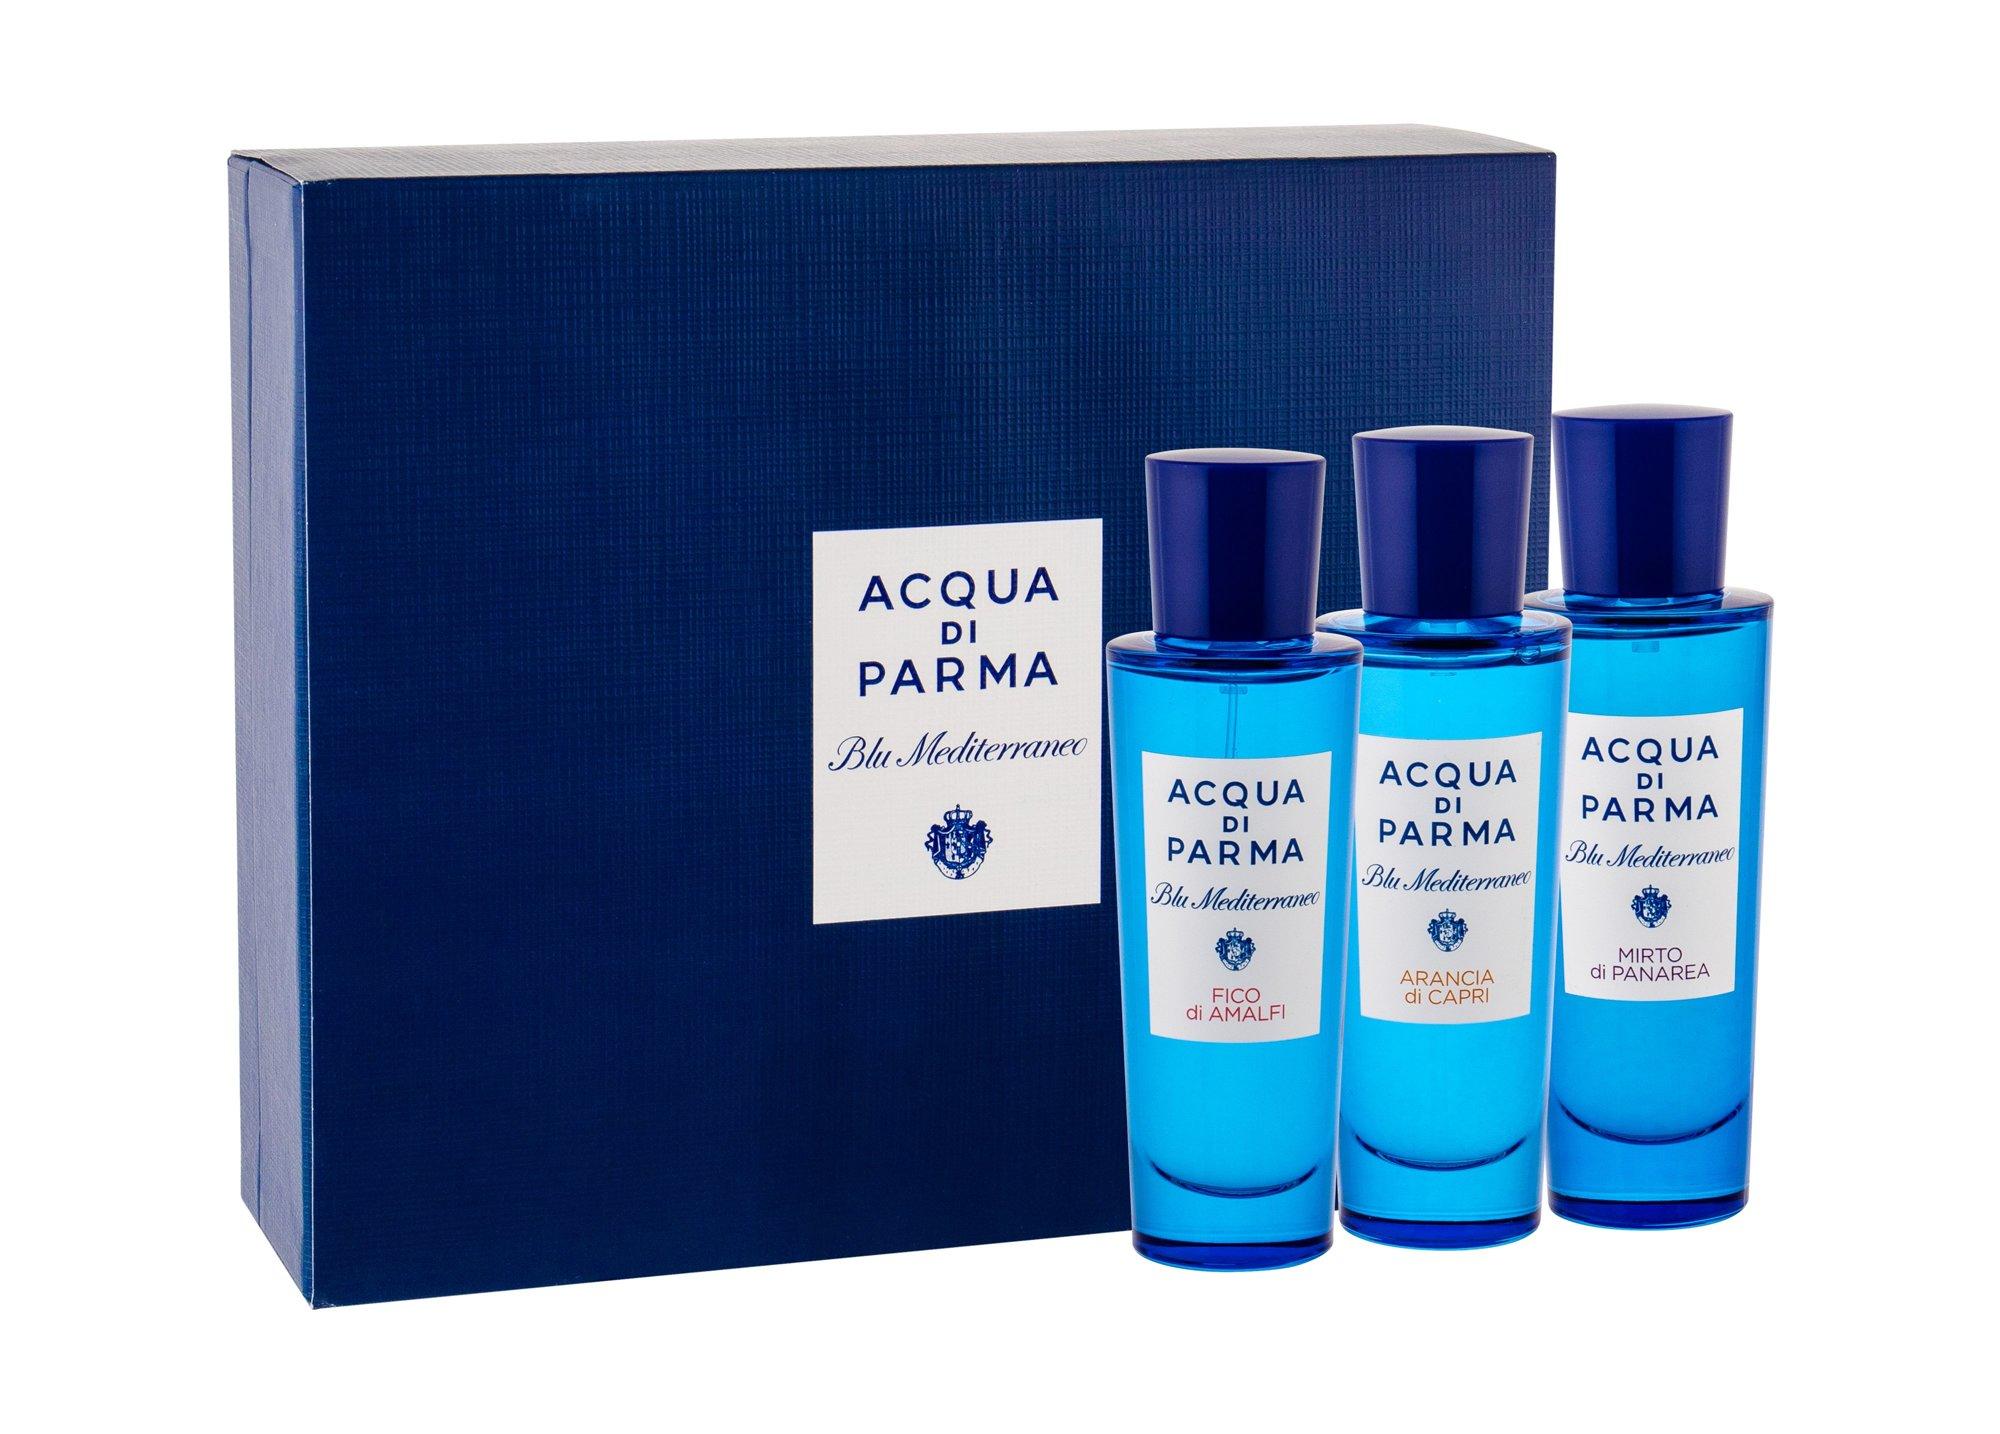 Acqua di Parma Blu Mediterraneo Collection